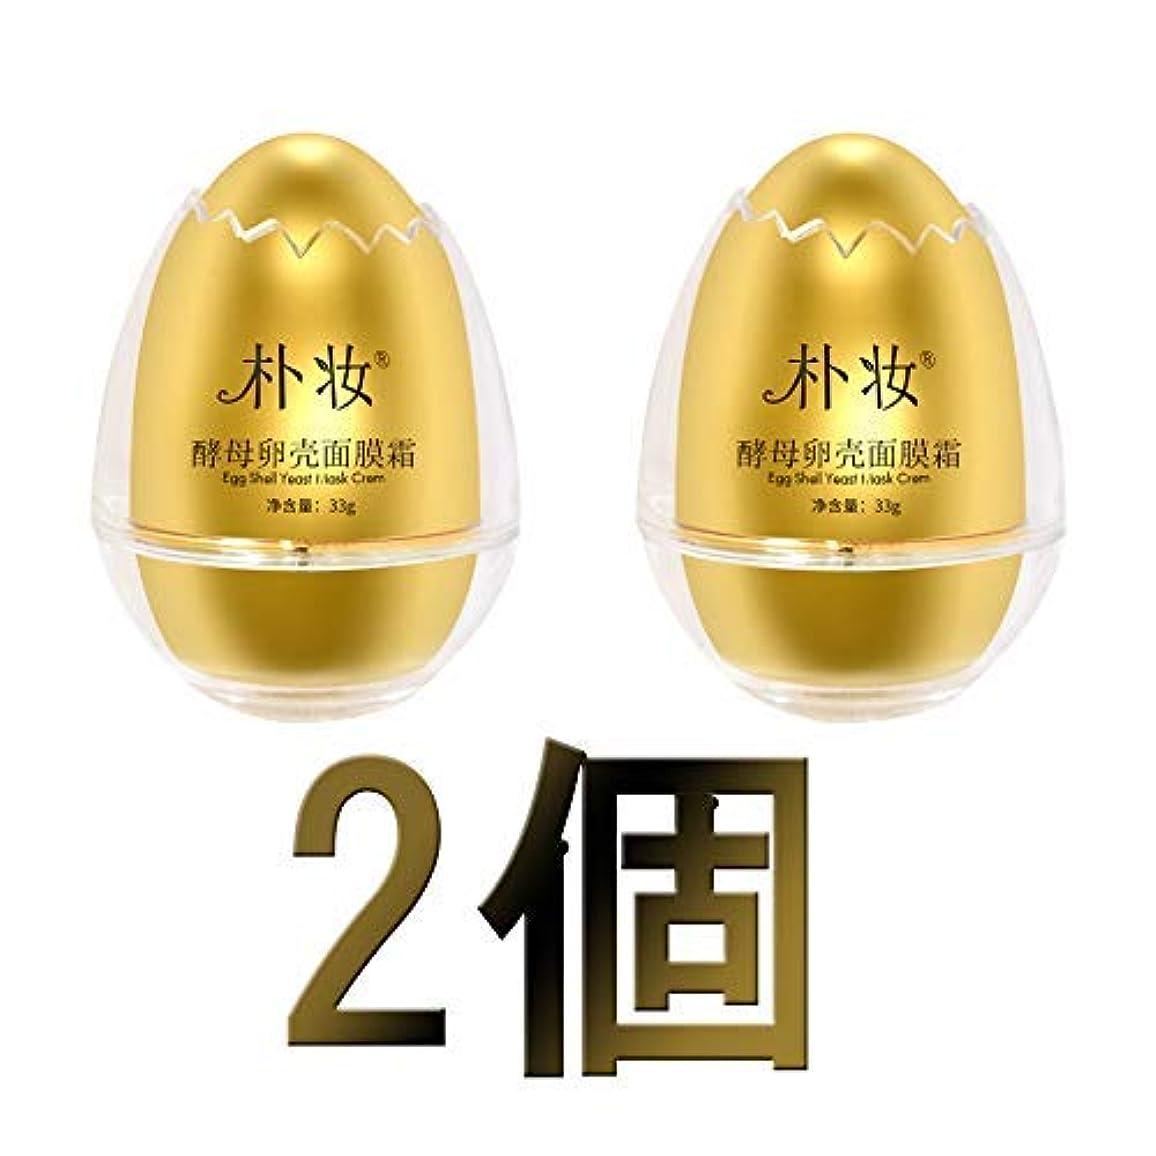 うそつき事故この朴妆たんたんパックx2個 酵母卵殻マスククリーム33g しっとりと た肌,シュリンクポア,しわ耐性,肌を引っ張る、